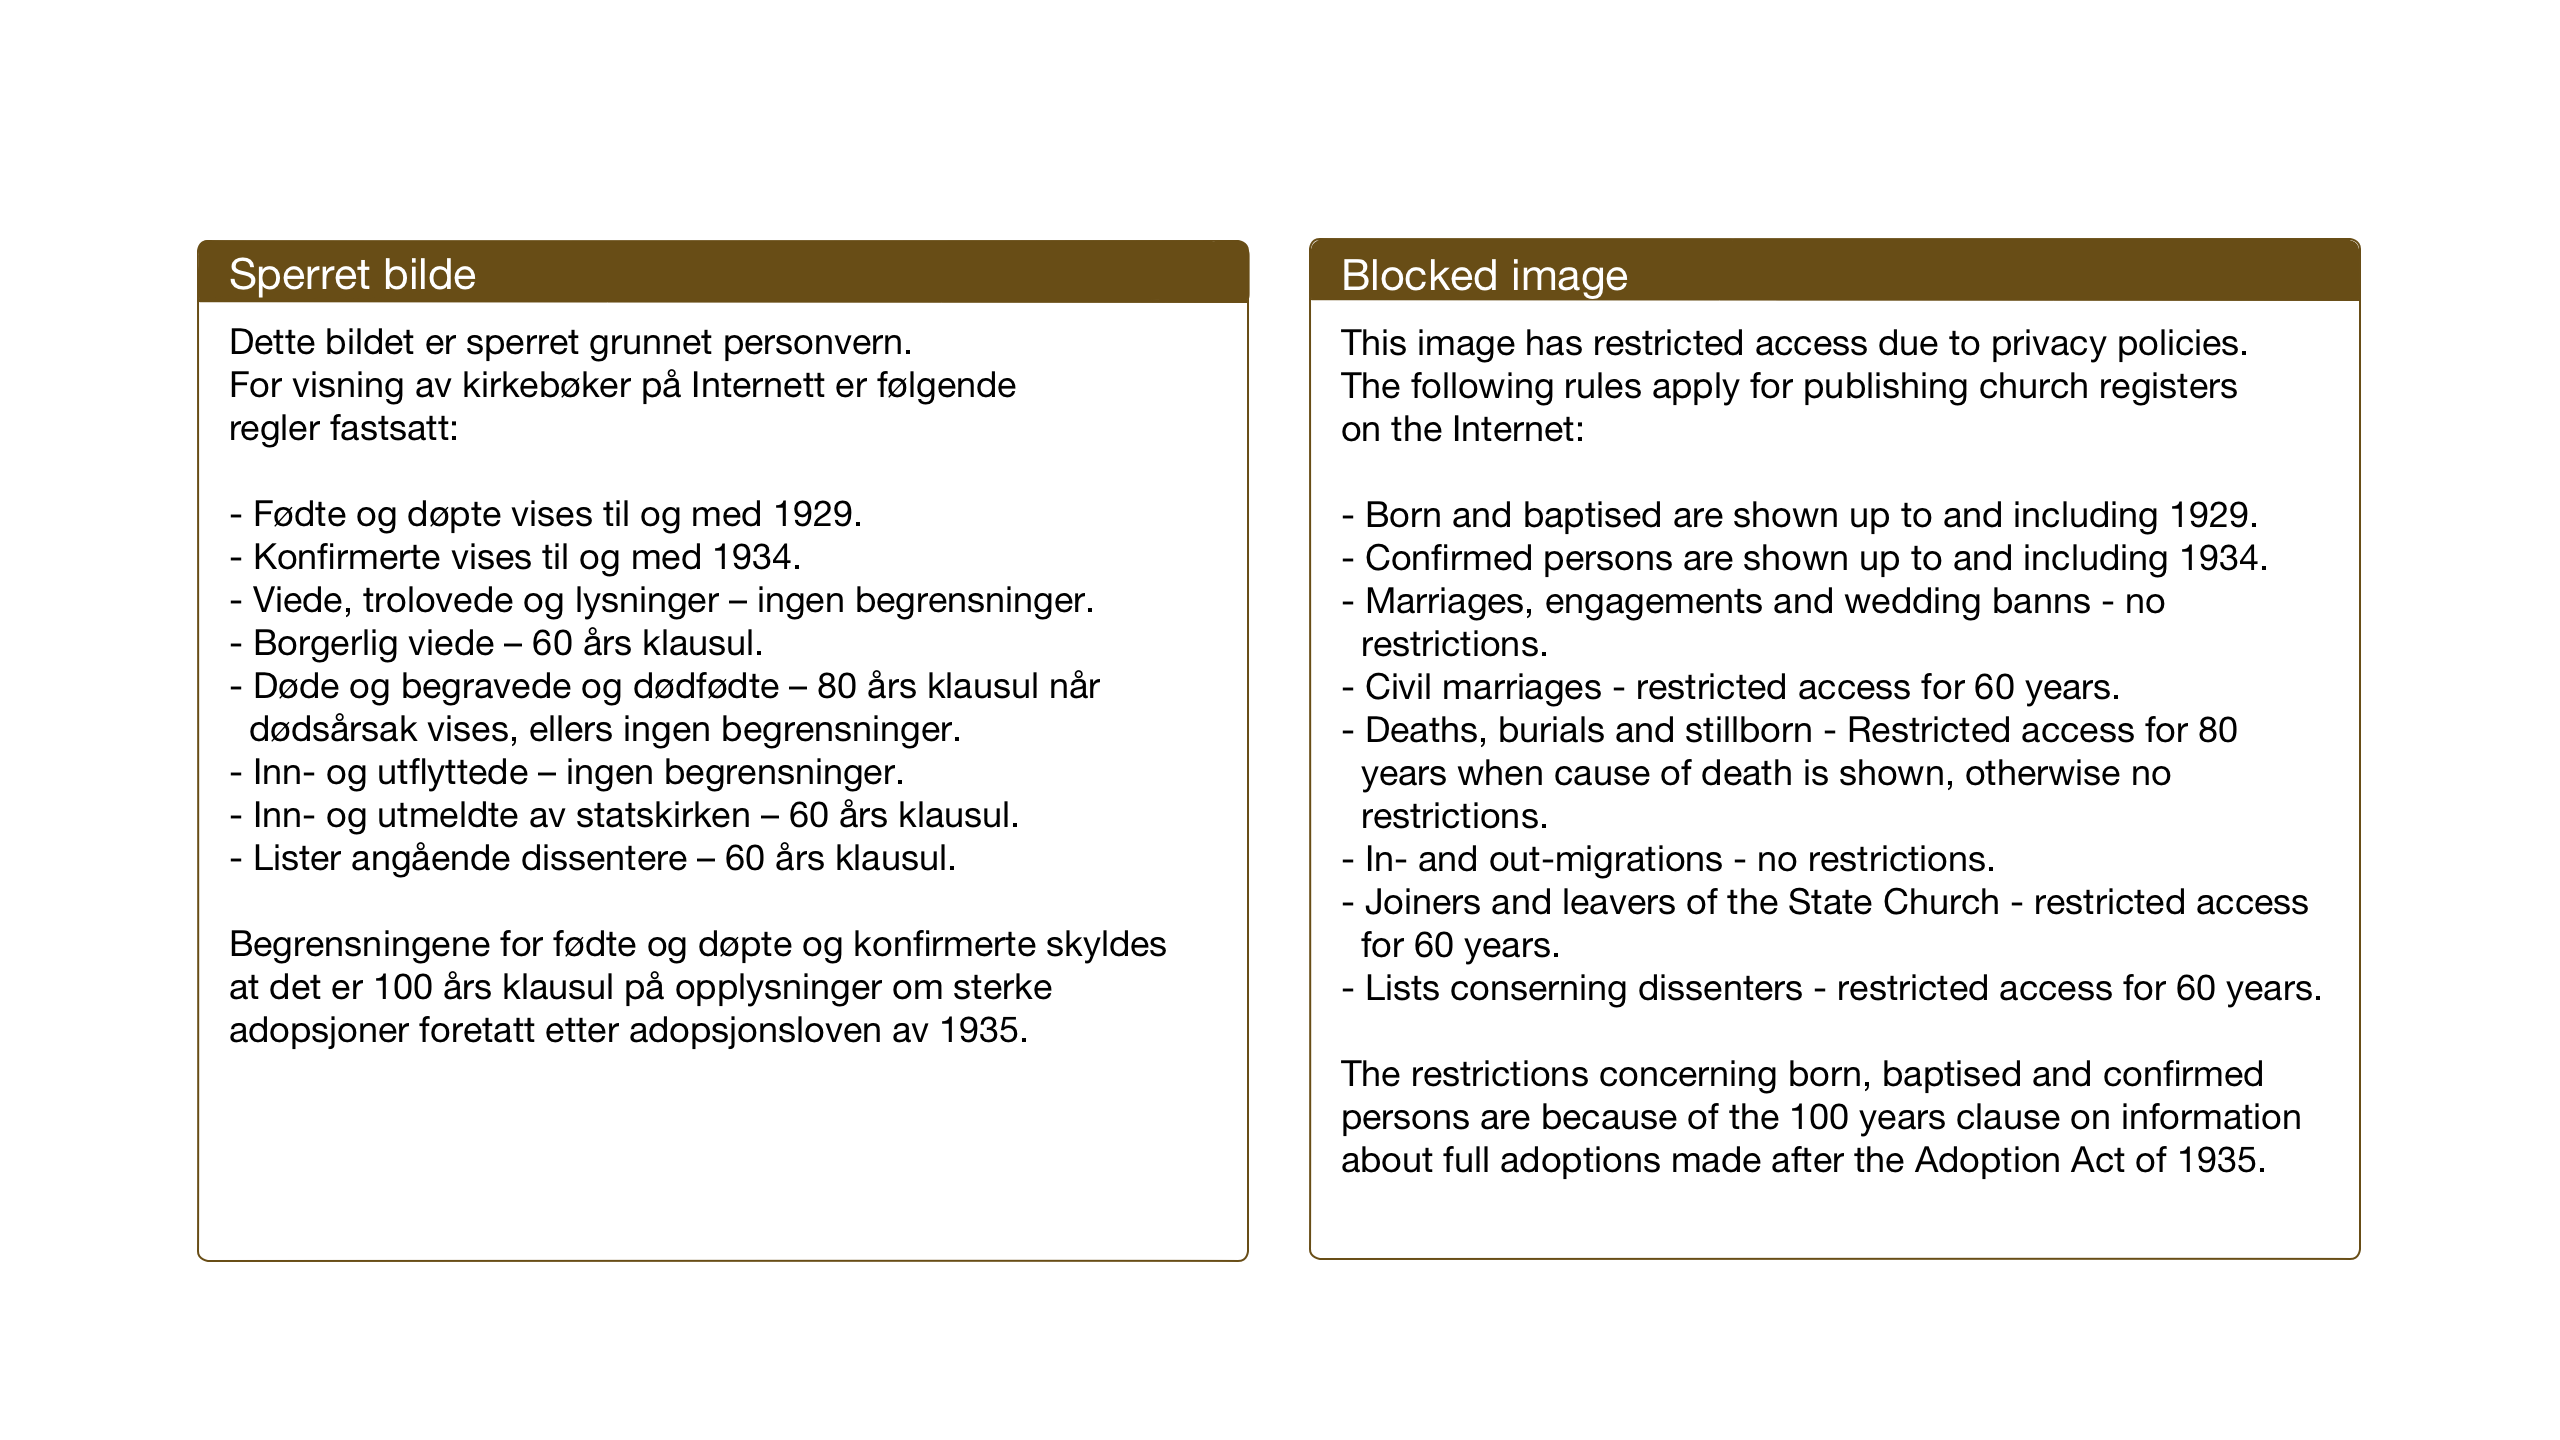 SAT, Ministerialprotokoller, klokkerbøker og fødselsregistre - Sør-Trøndelag, 604/L0228: Klokkerbok nr. 604C11, 1928-1950, s. 198